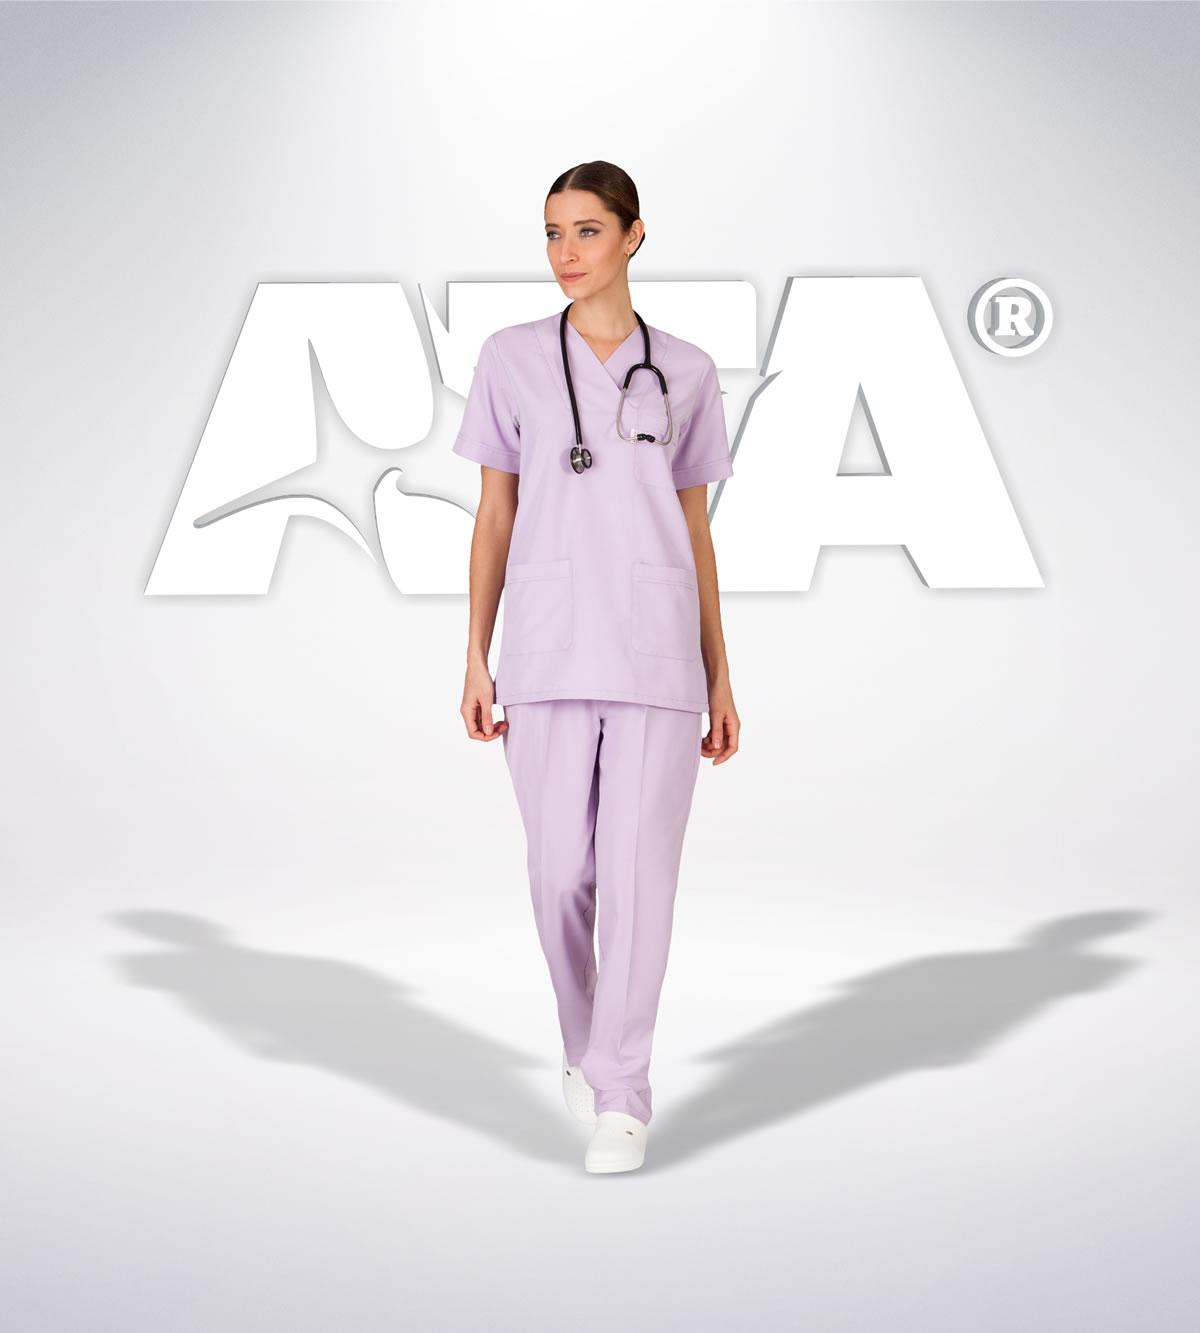 ATA 421 - iş elbiseleri | iş üniformaları | iş kıyafetleri